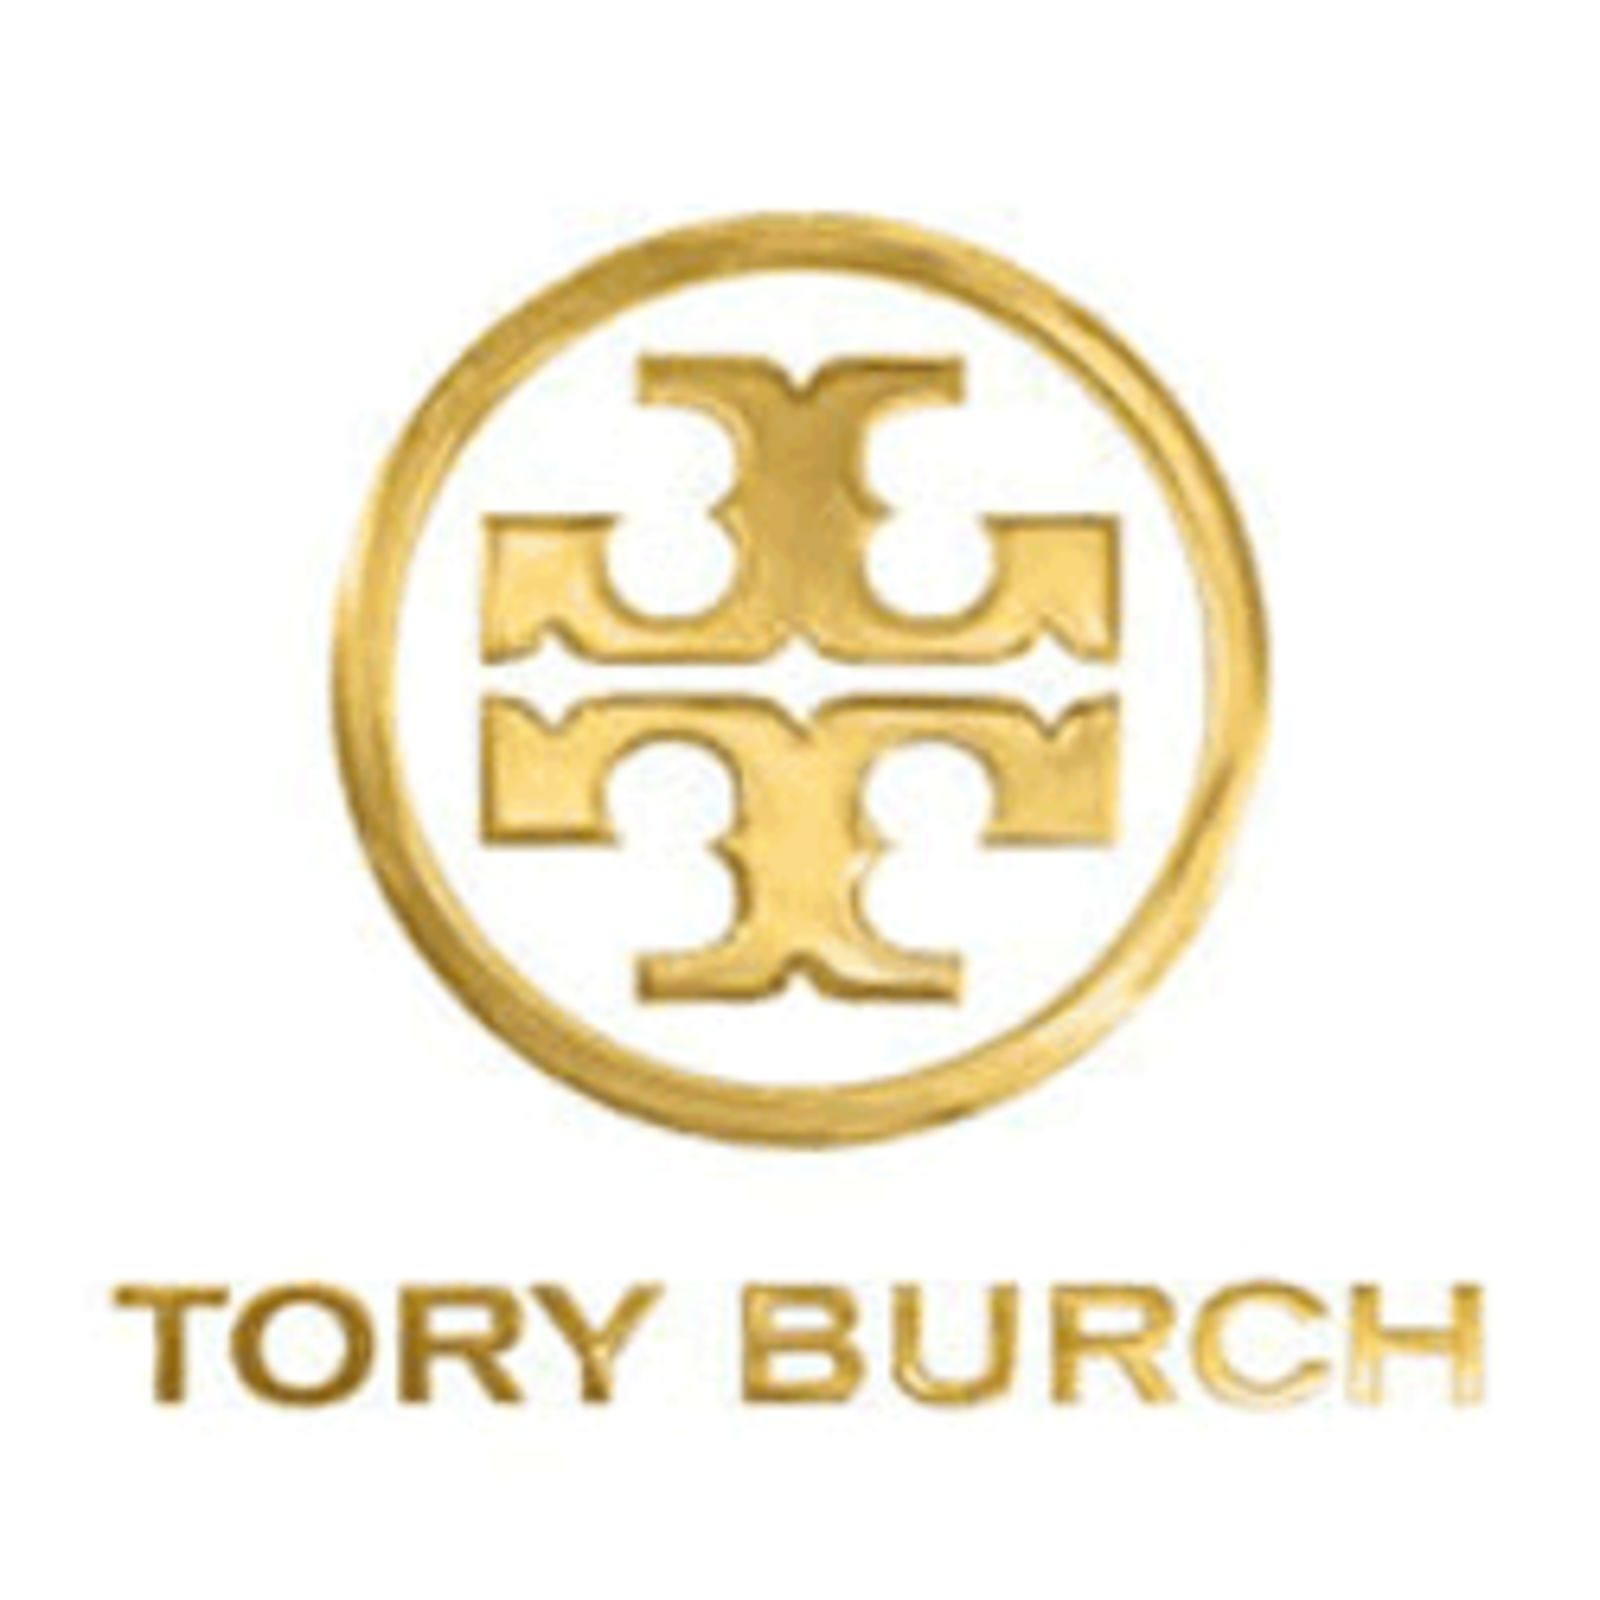 TORY BURCH Eyewear